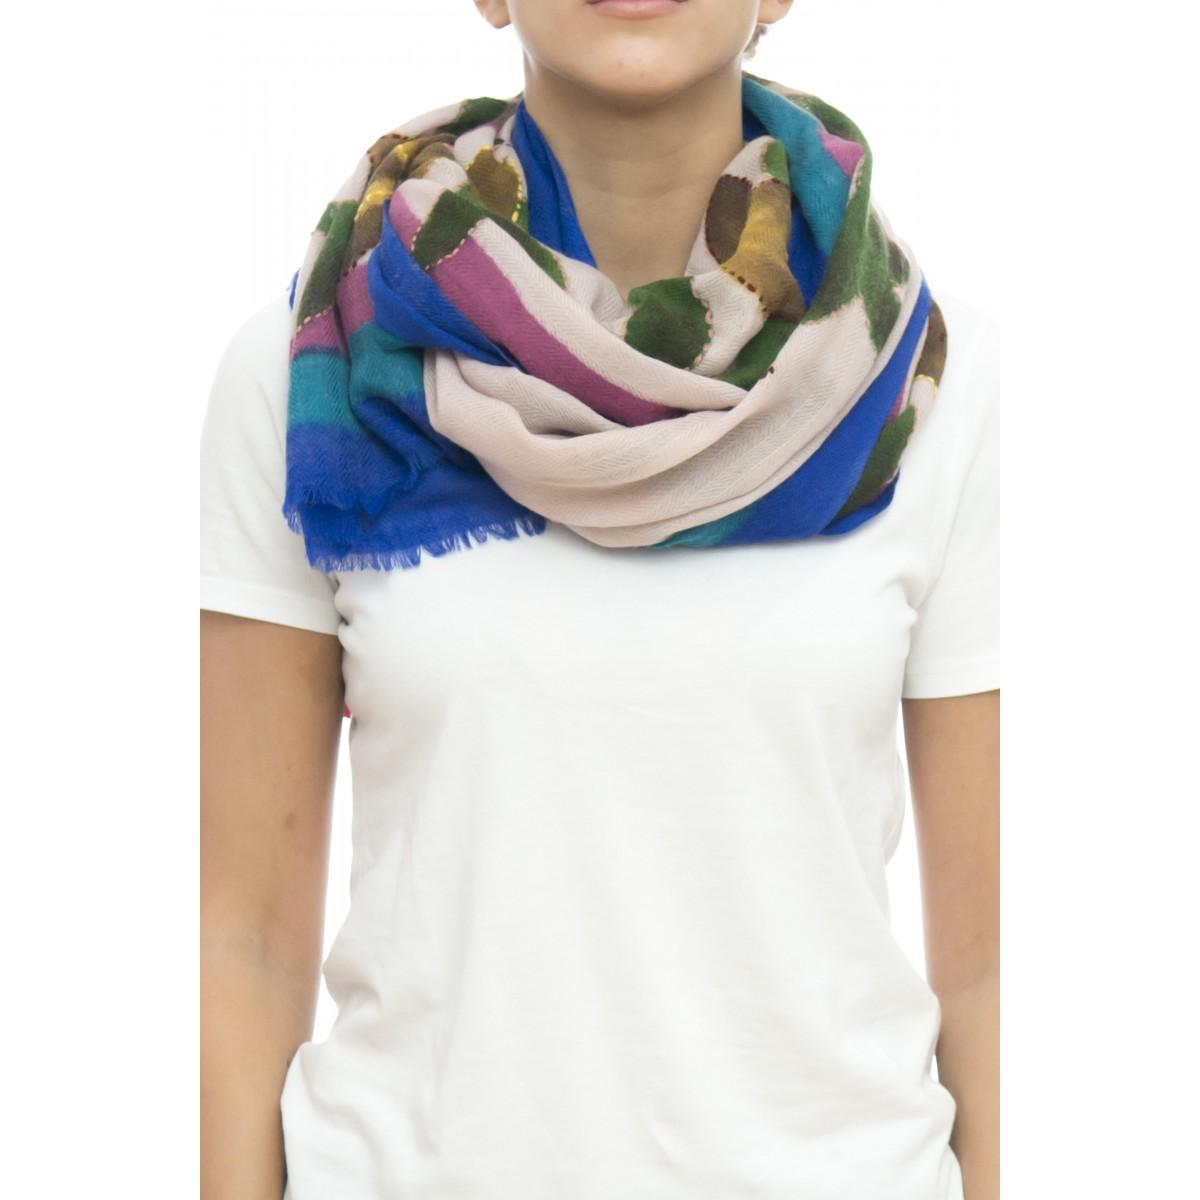 Sciarpa - Ortensia 4632  100% lana ,  70 x 180